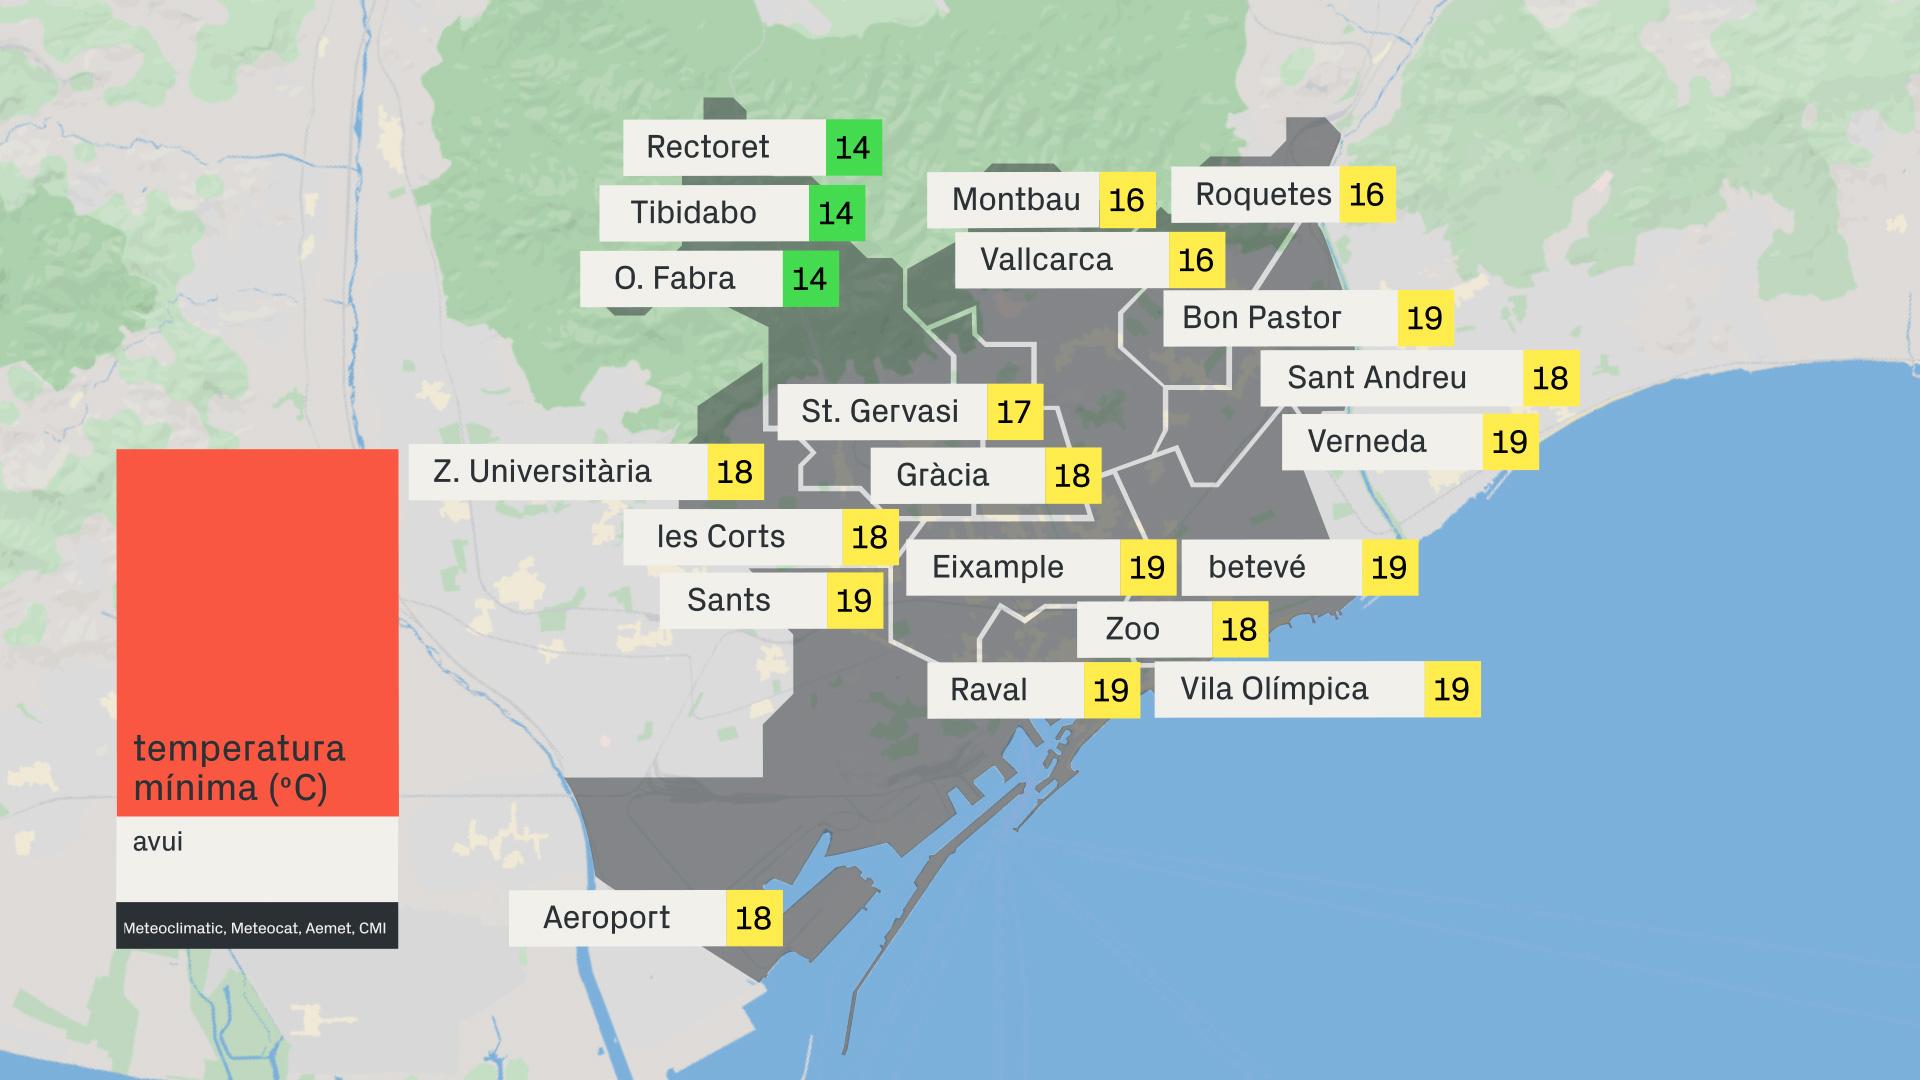 temperatura mçínima 13 de juliol de 2021